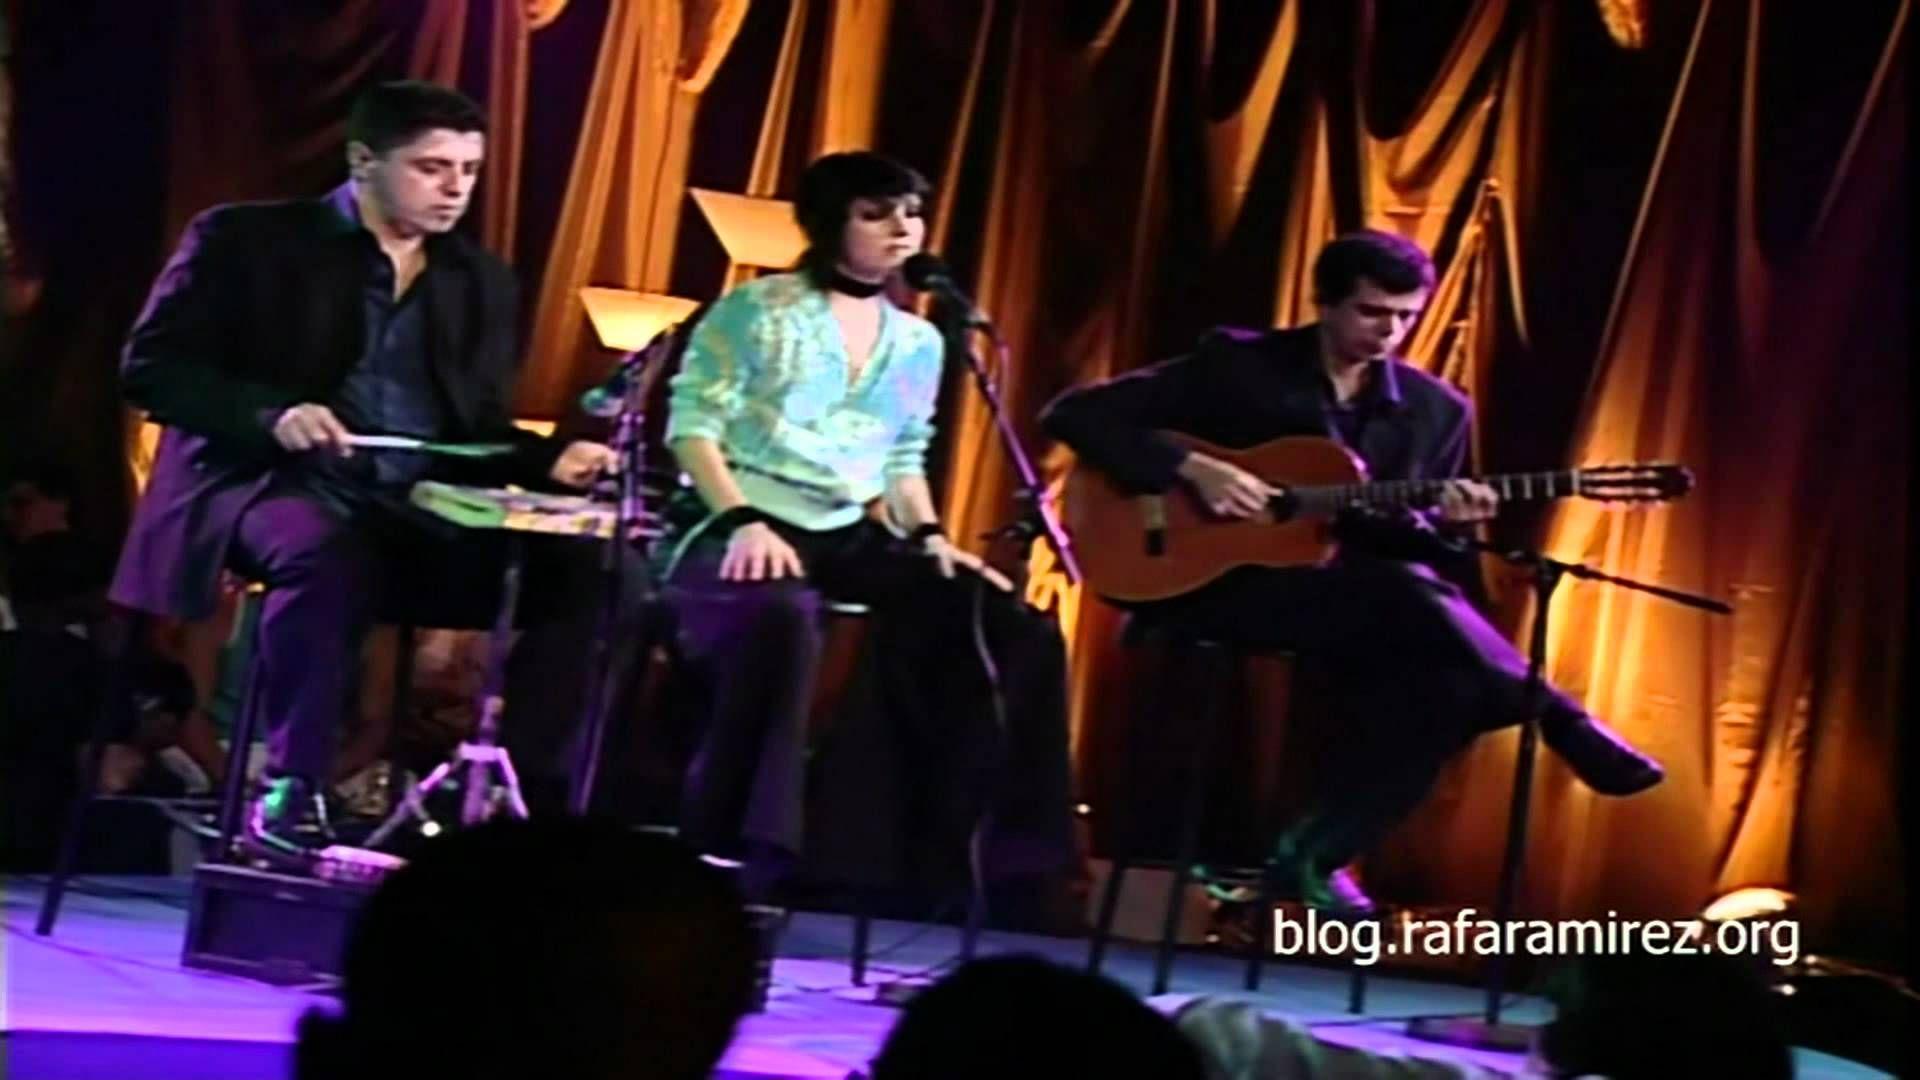 Rock with You - Fernanda Abreu. Live Acoustic / Acustico Directo en Vivo...